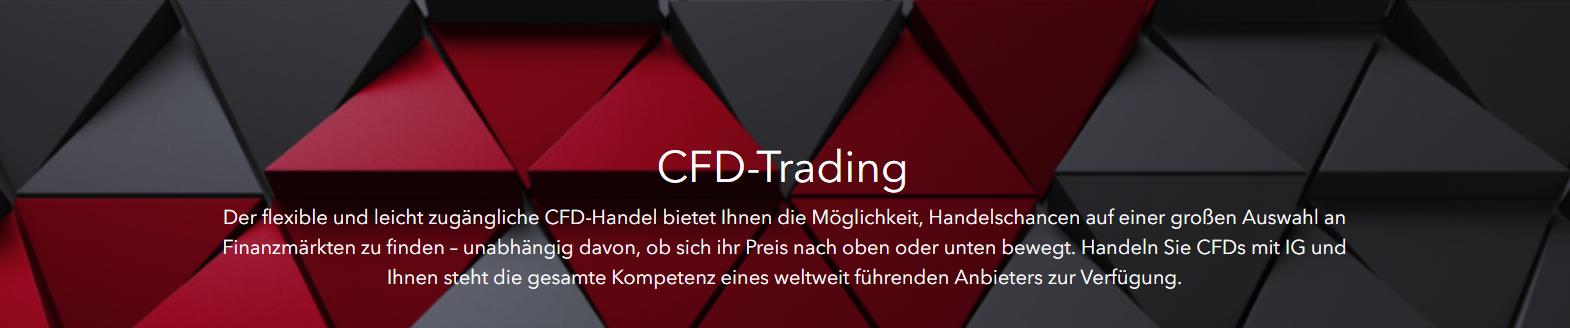 IG bietet flexiblen & leicht zugänglichen CFD Handel